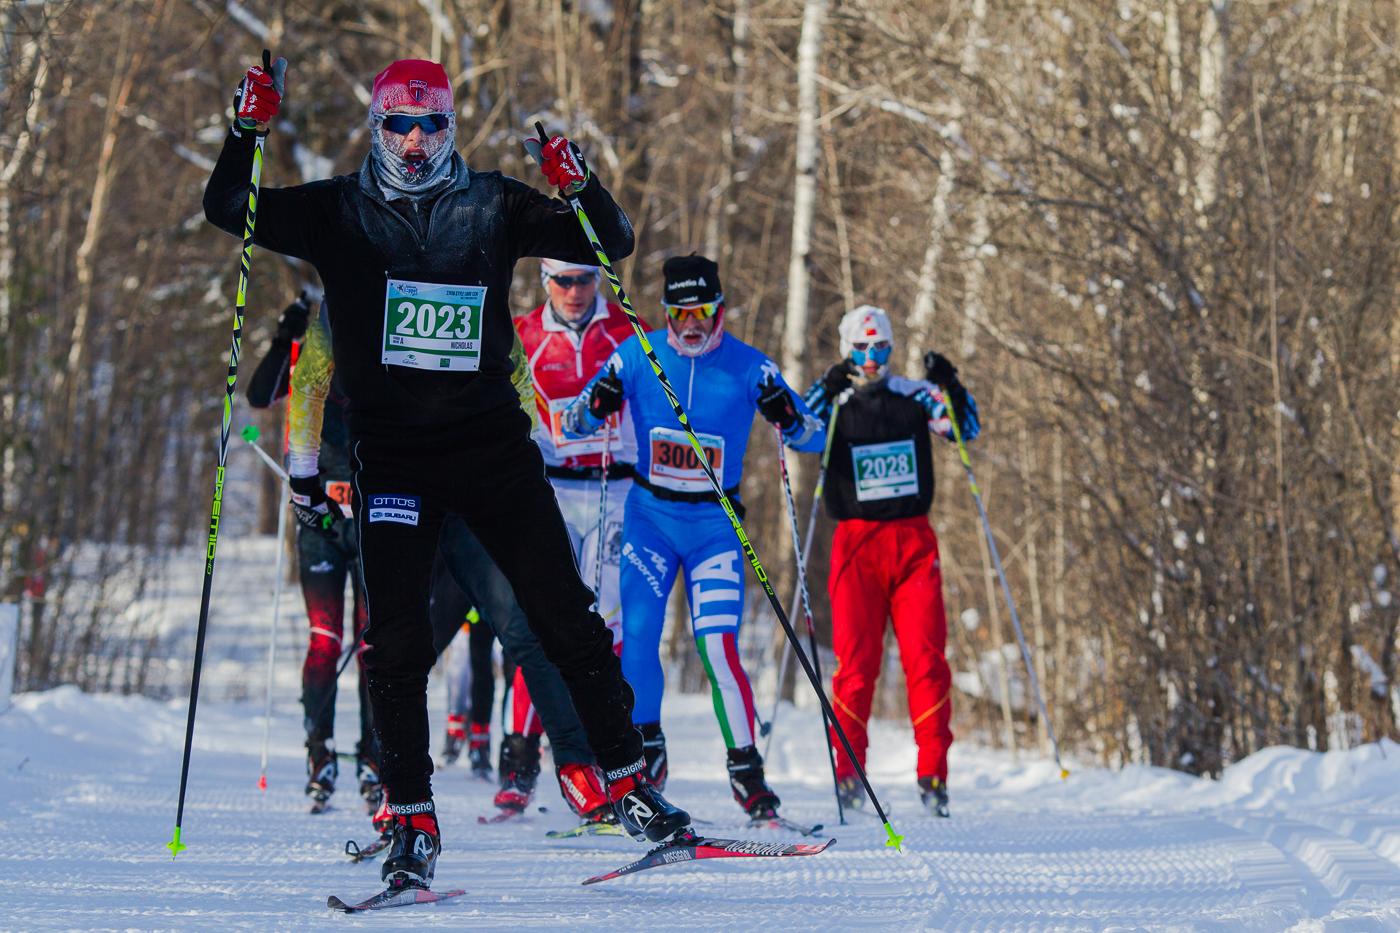 Nicholas Pigeon à la première boucle du parcours de 22.5 km. Gatineau Loppet 2015 (© Sébastien Lavallée)